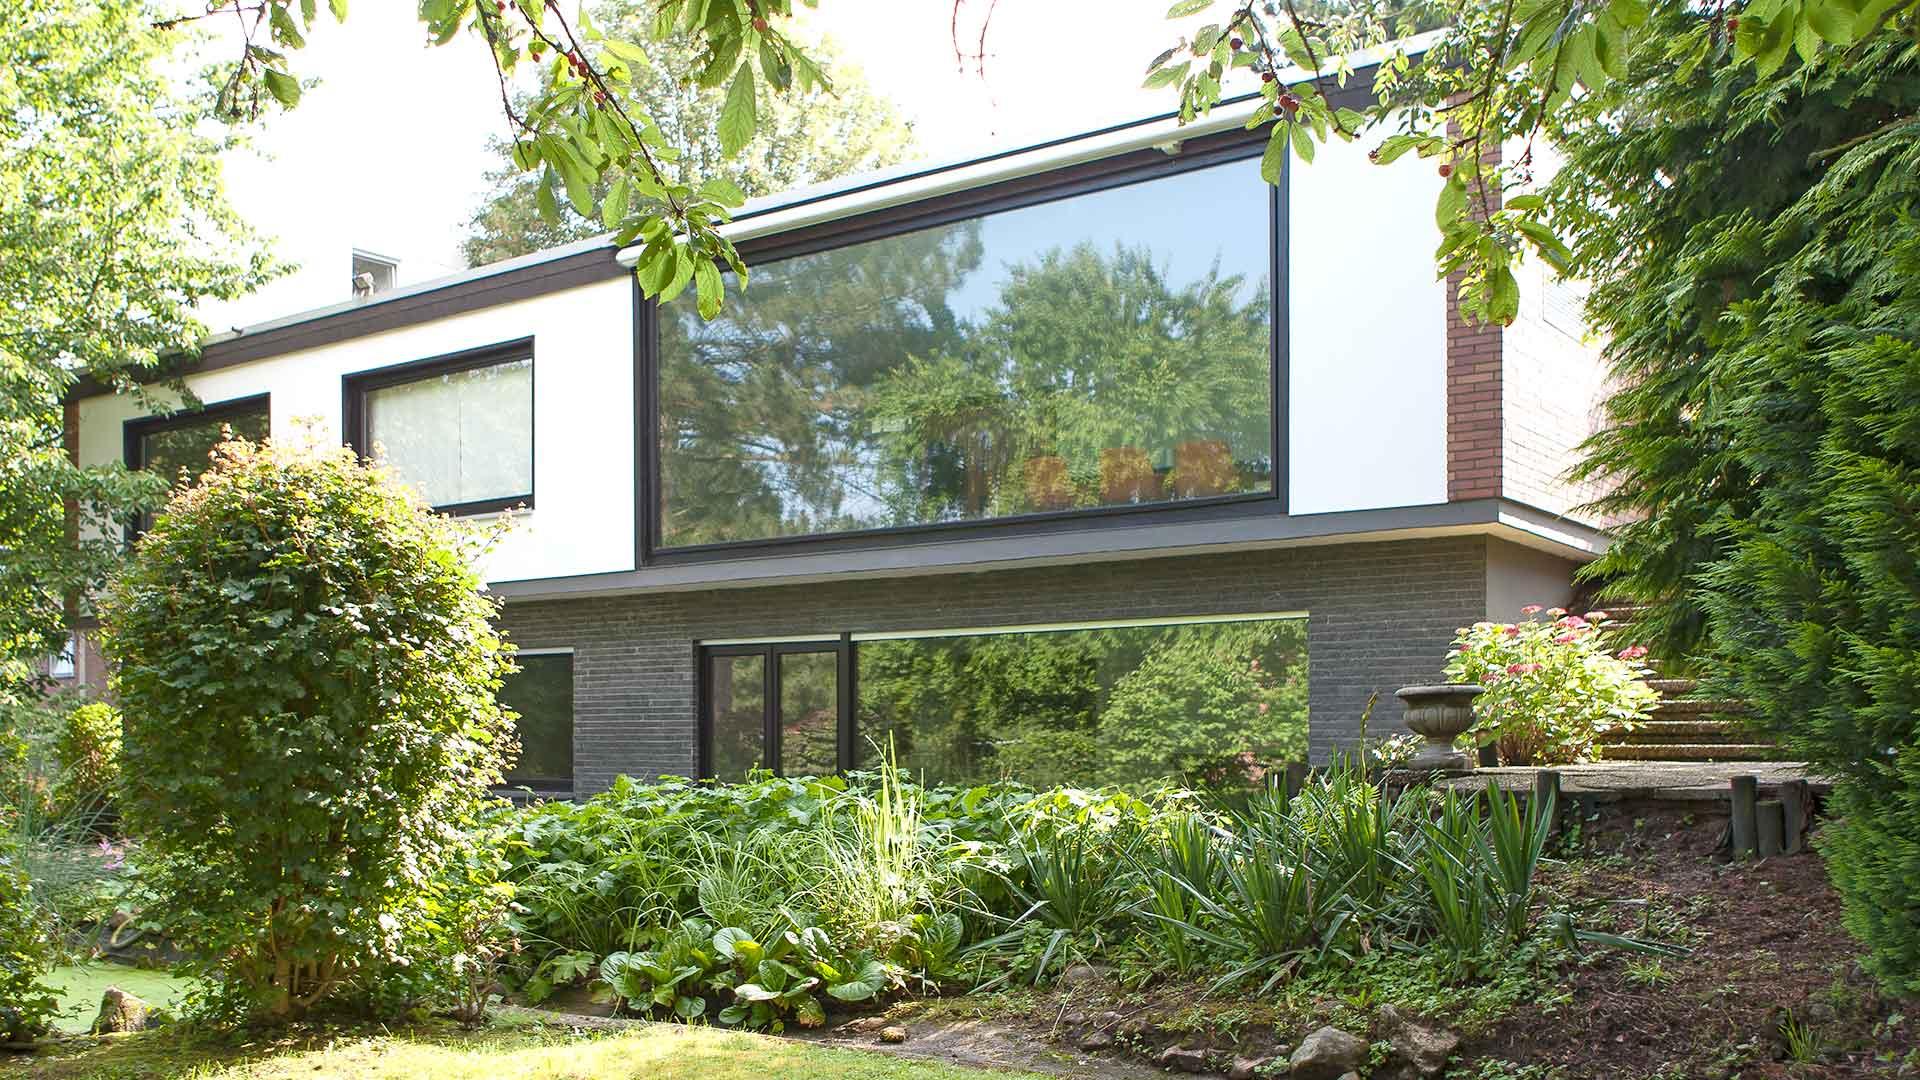 Architekturfotografie: Immobilie mit Panoramafenster | Foto: Dieter Eikenberg, imprints